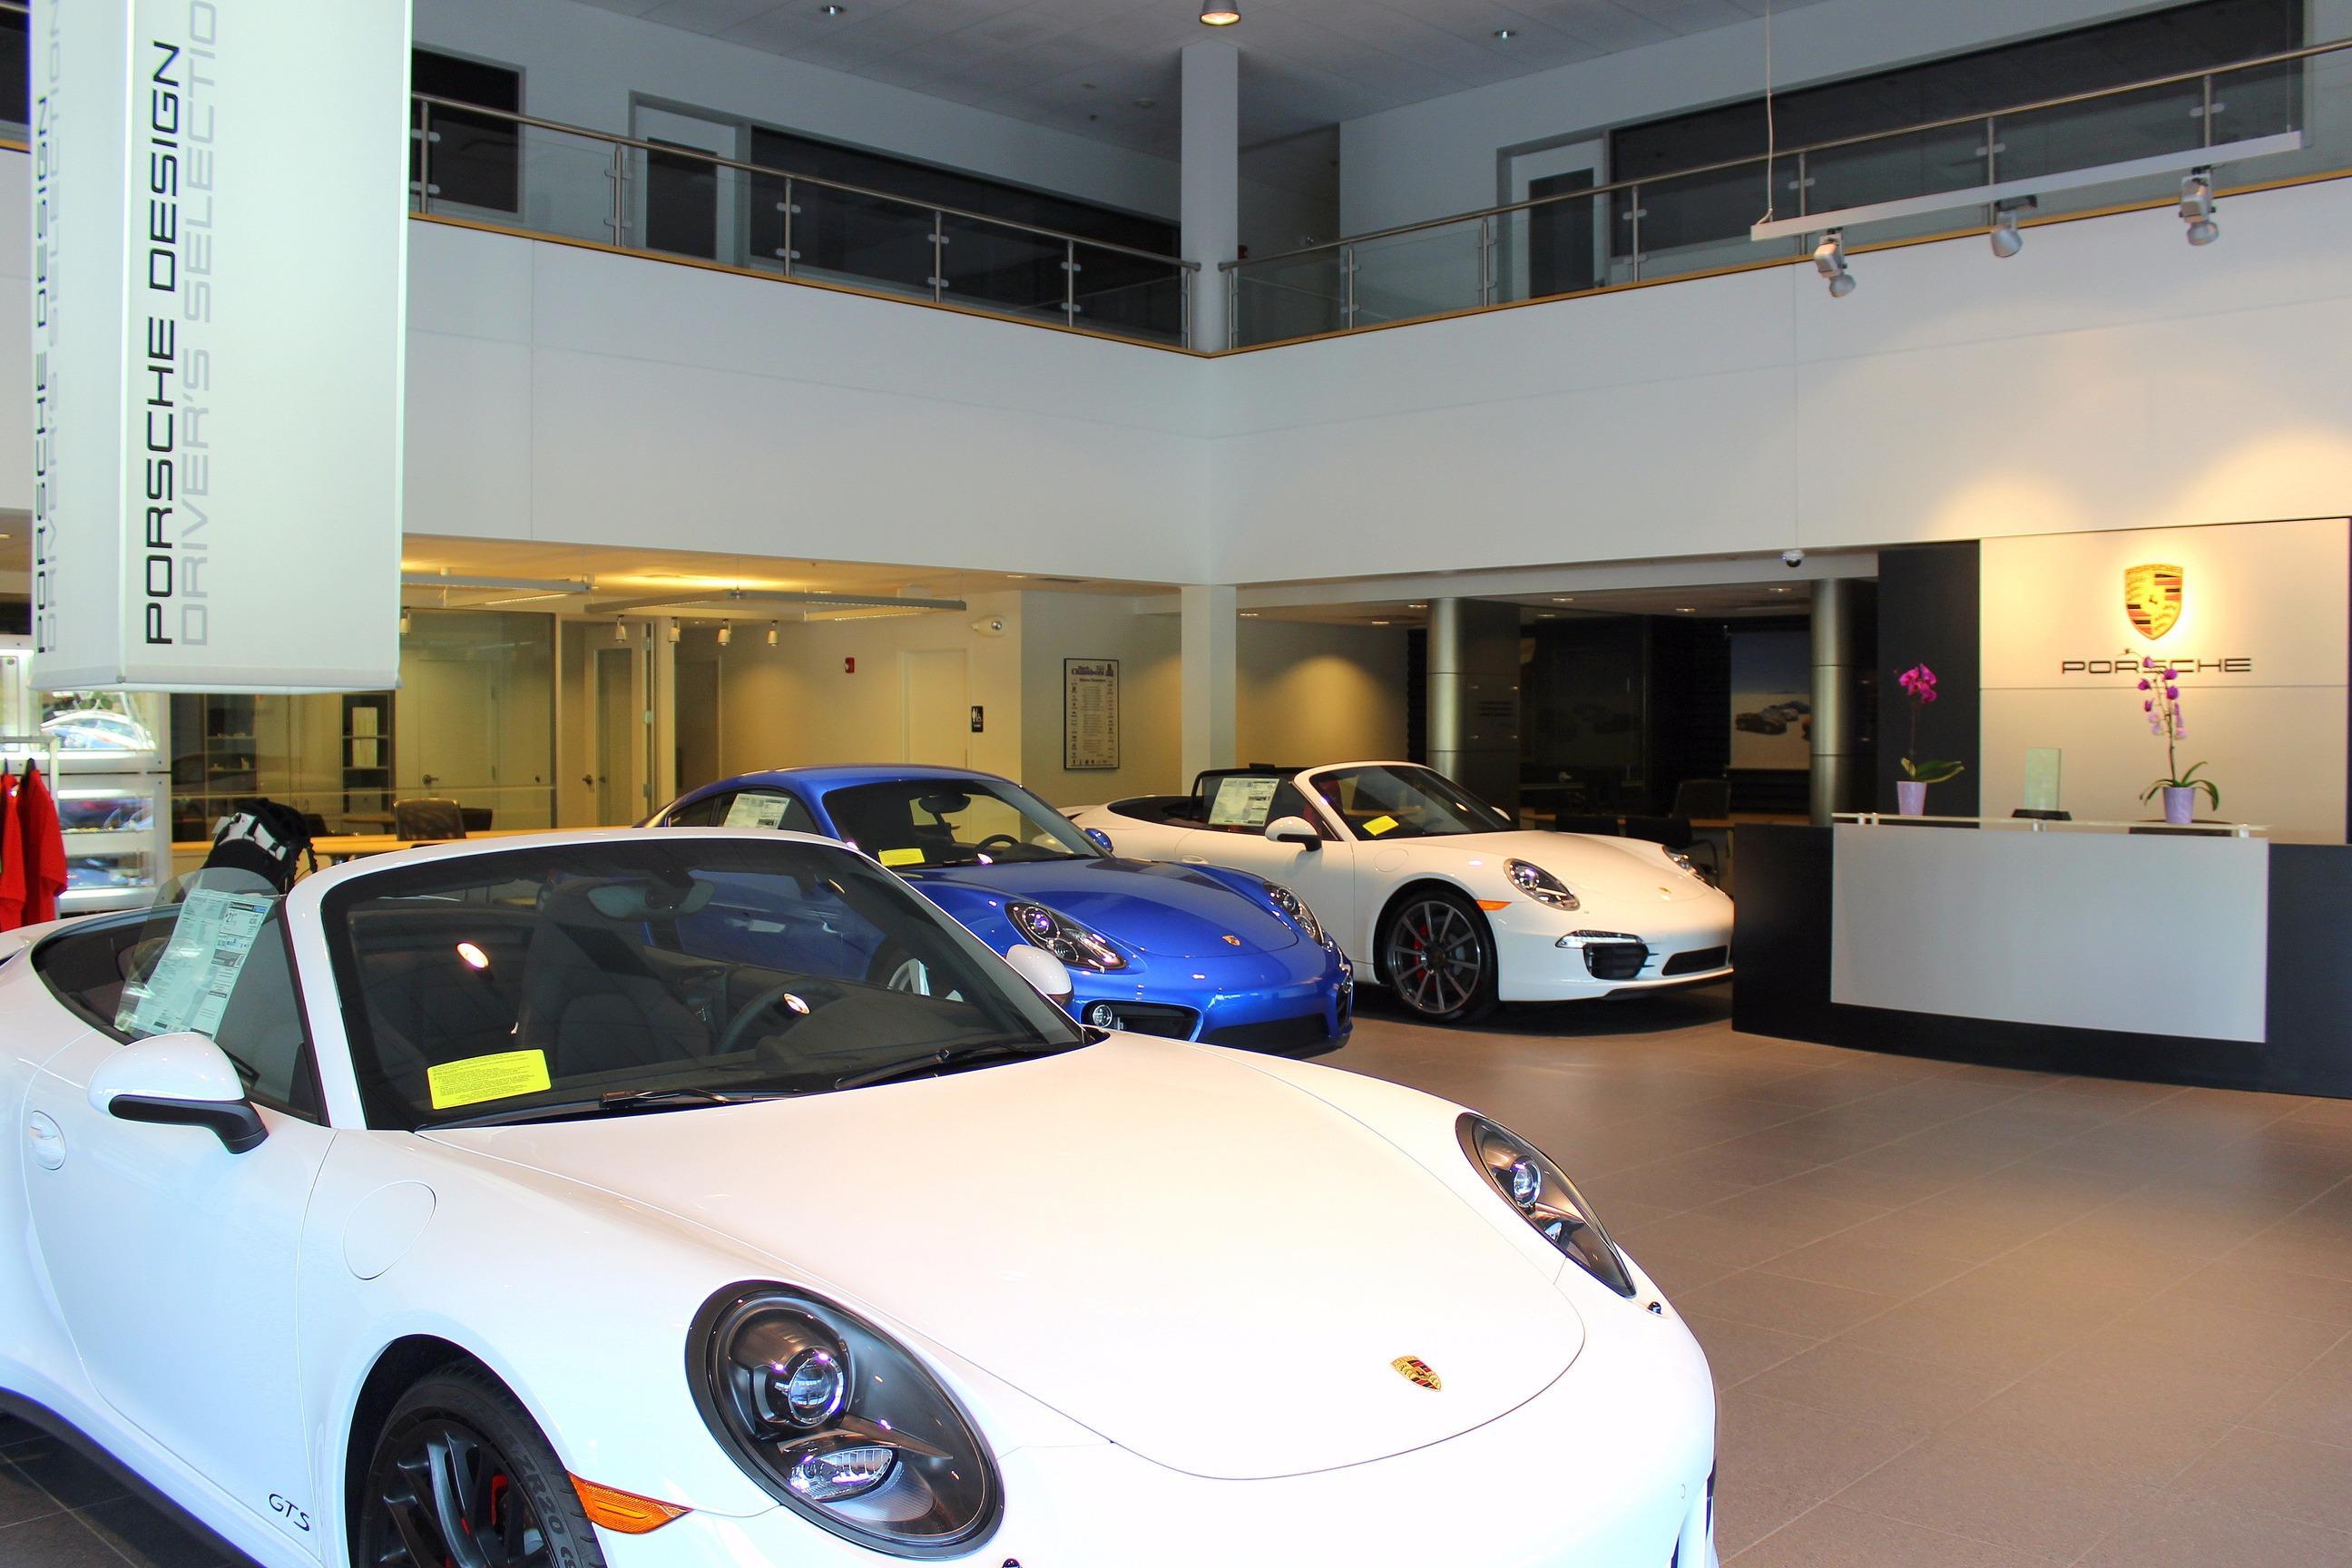 Porsche Burlington image 5